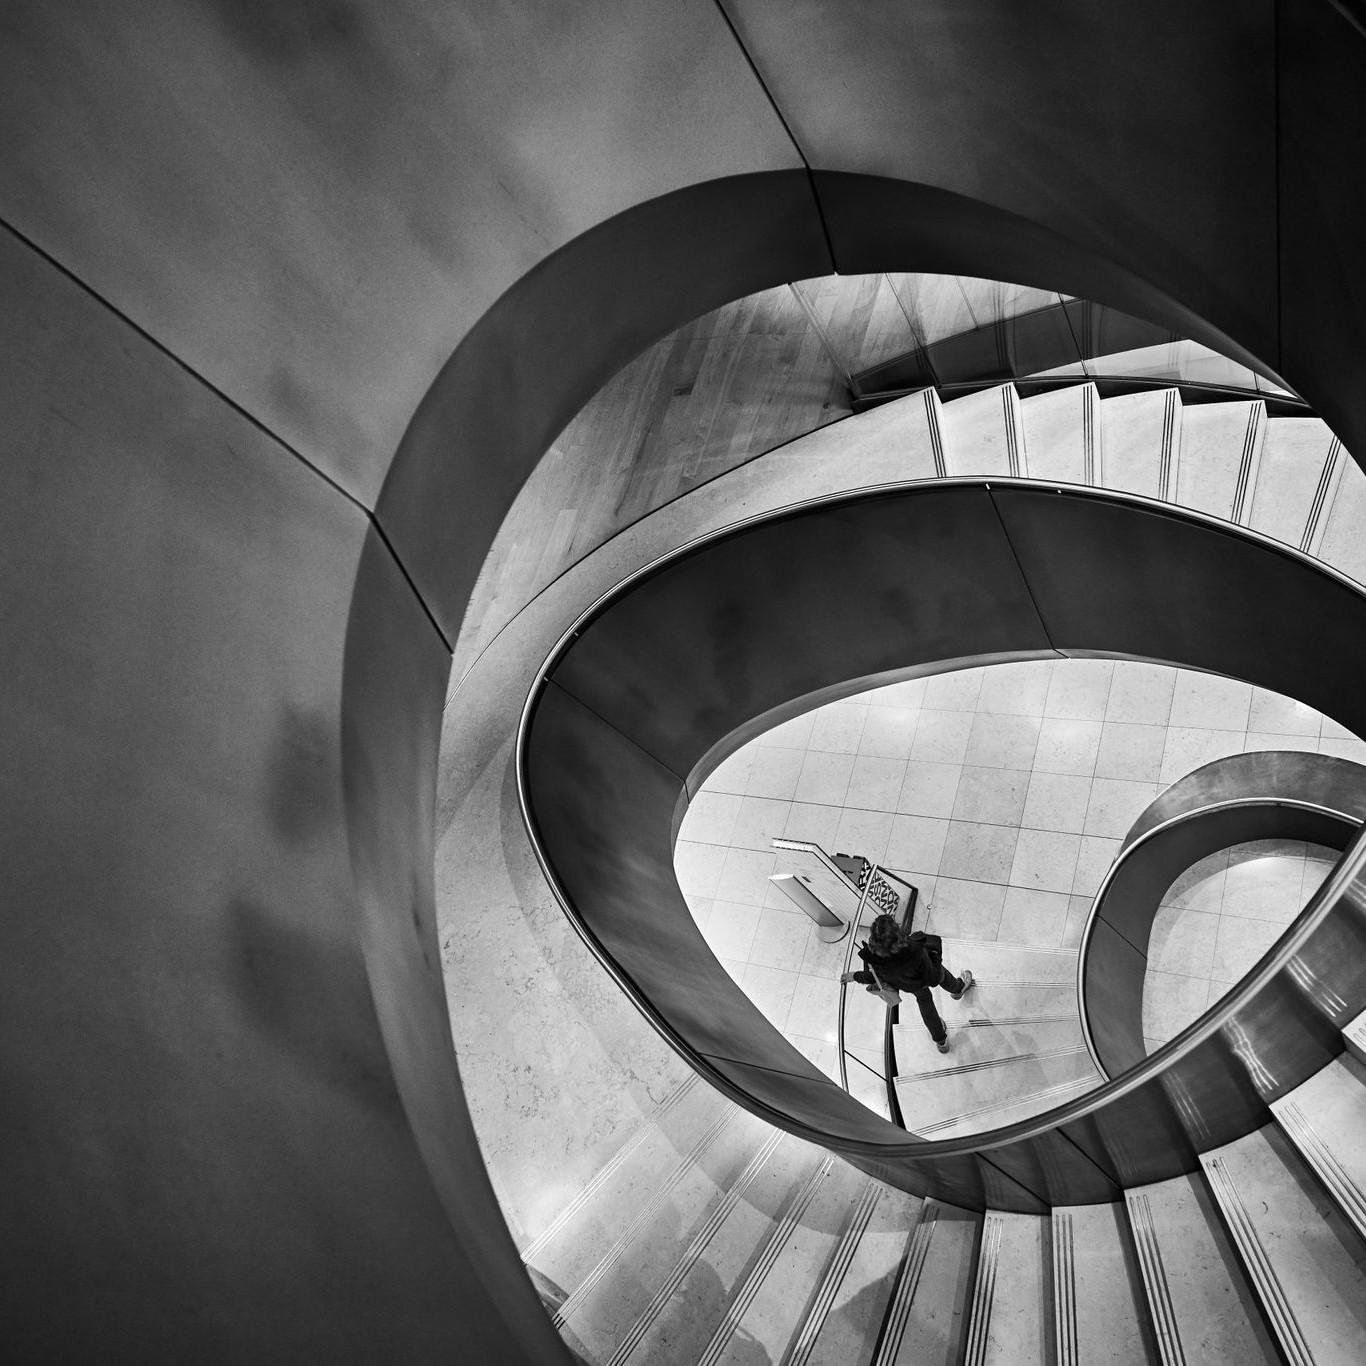 Bartek Rutkowski Photography - Spiral IV